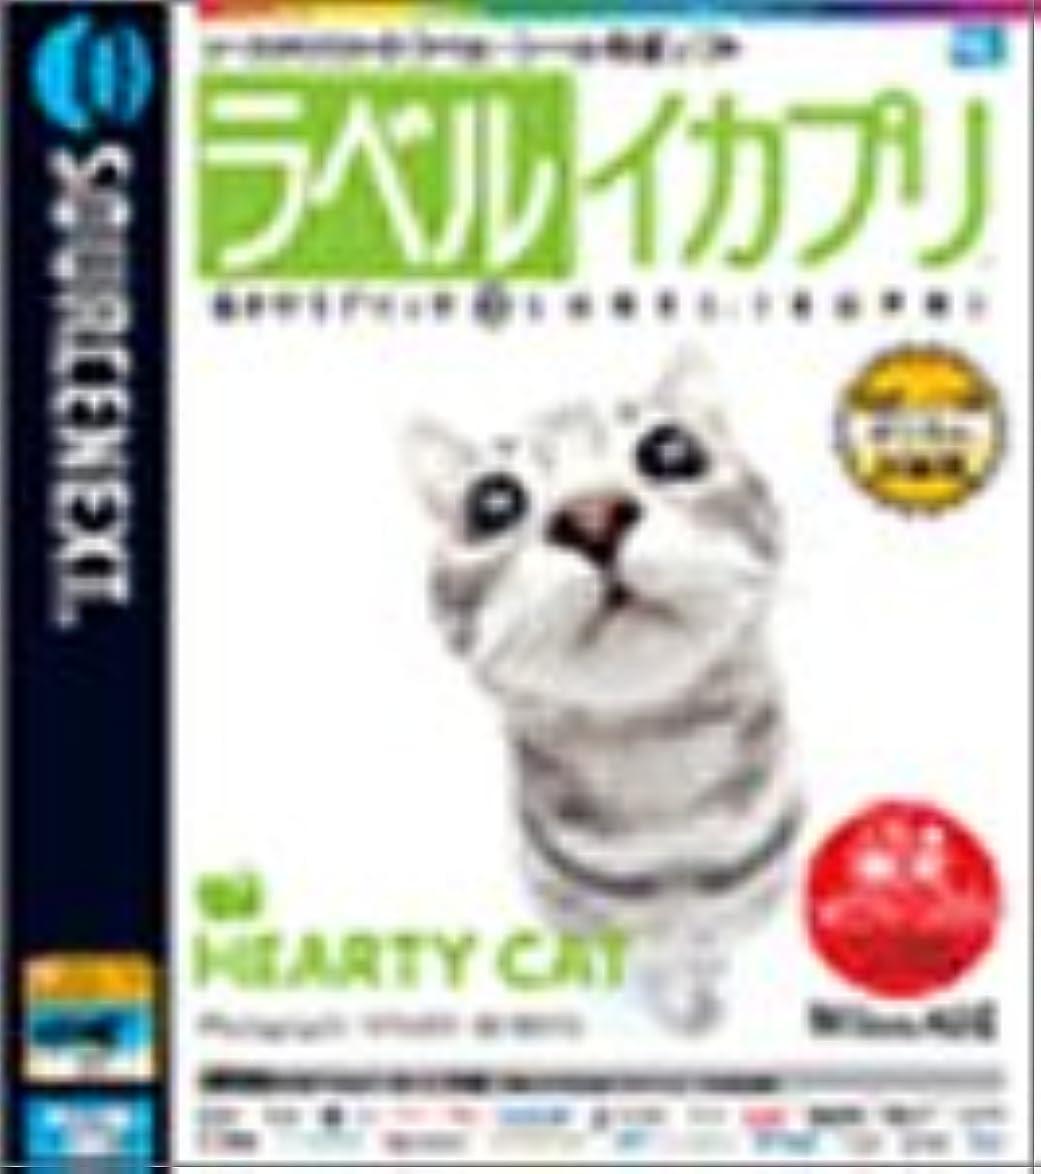 ベアリングセレナ毎年ラベル イカプリ HEARTY CAT キャンペーン版